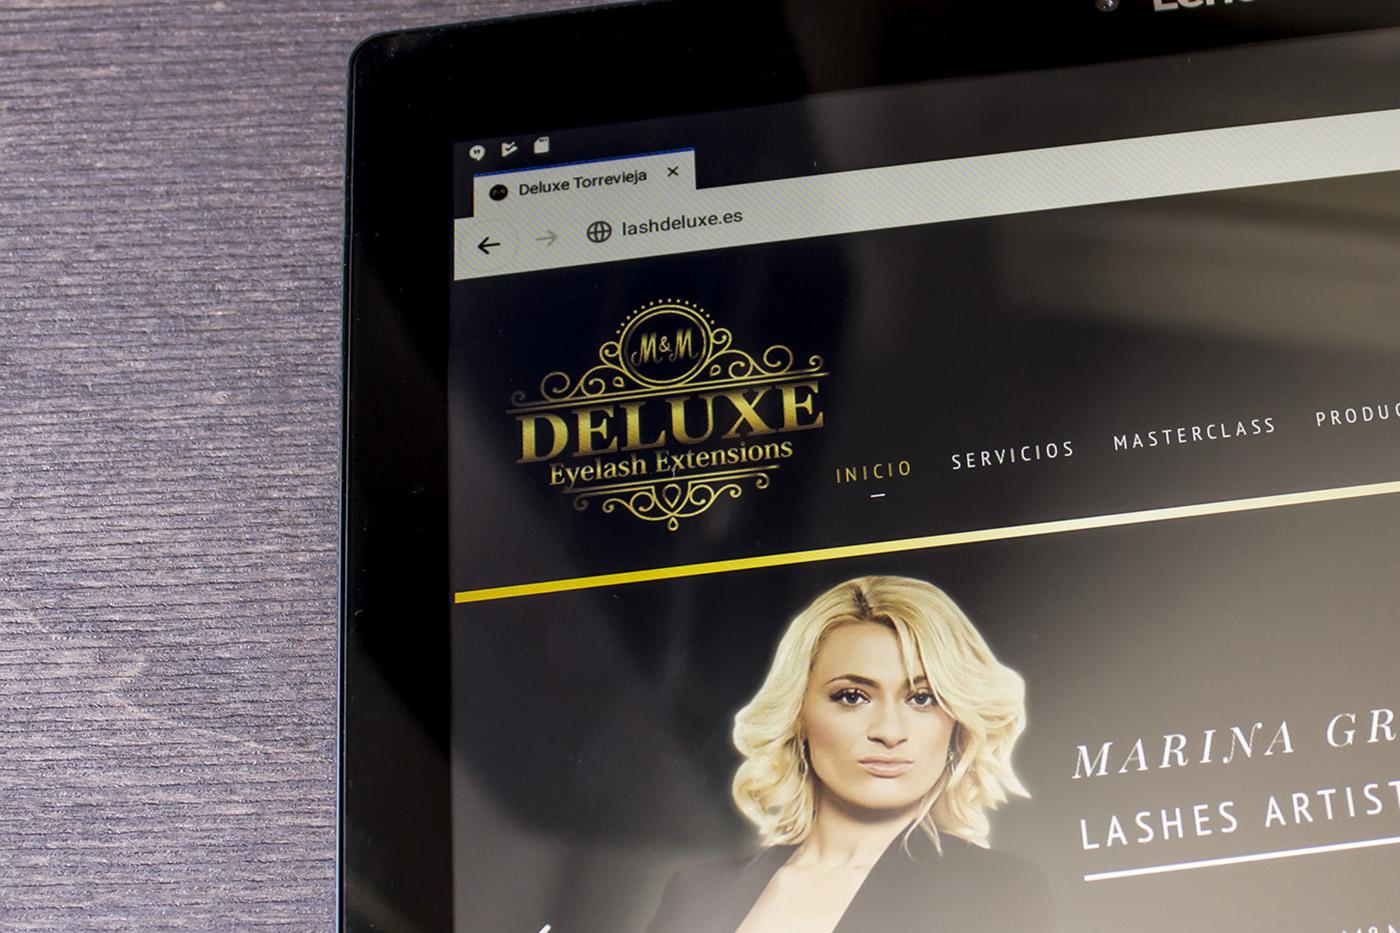 Desarollo Web - M&M Deluxe - Creación de Sitios Web